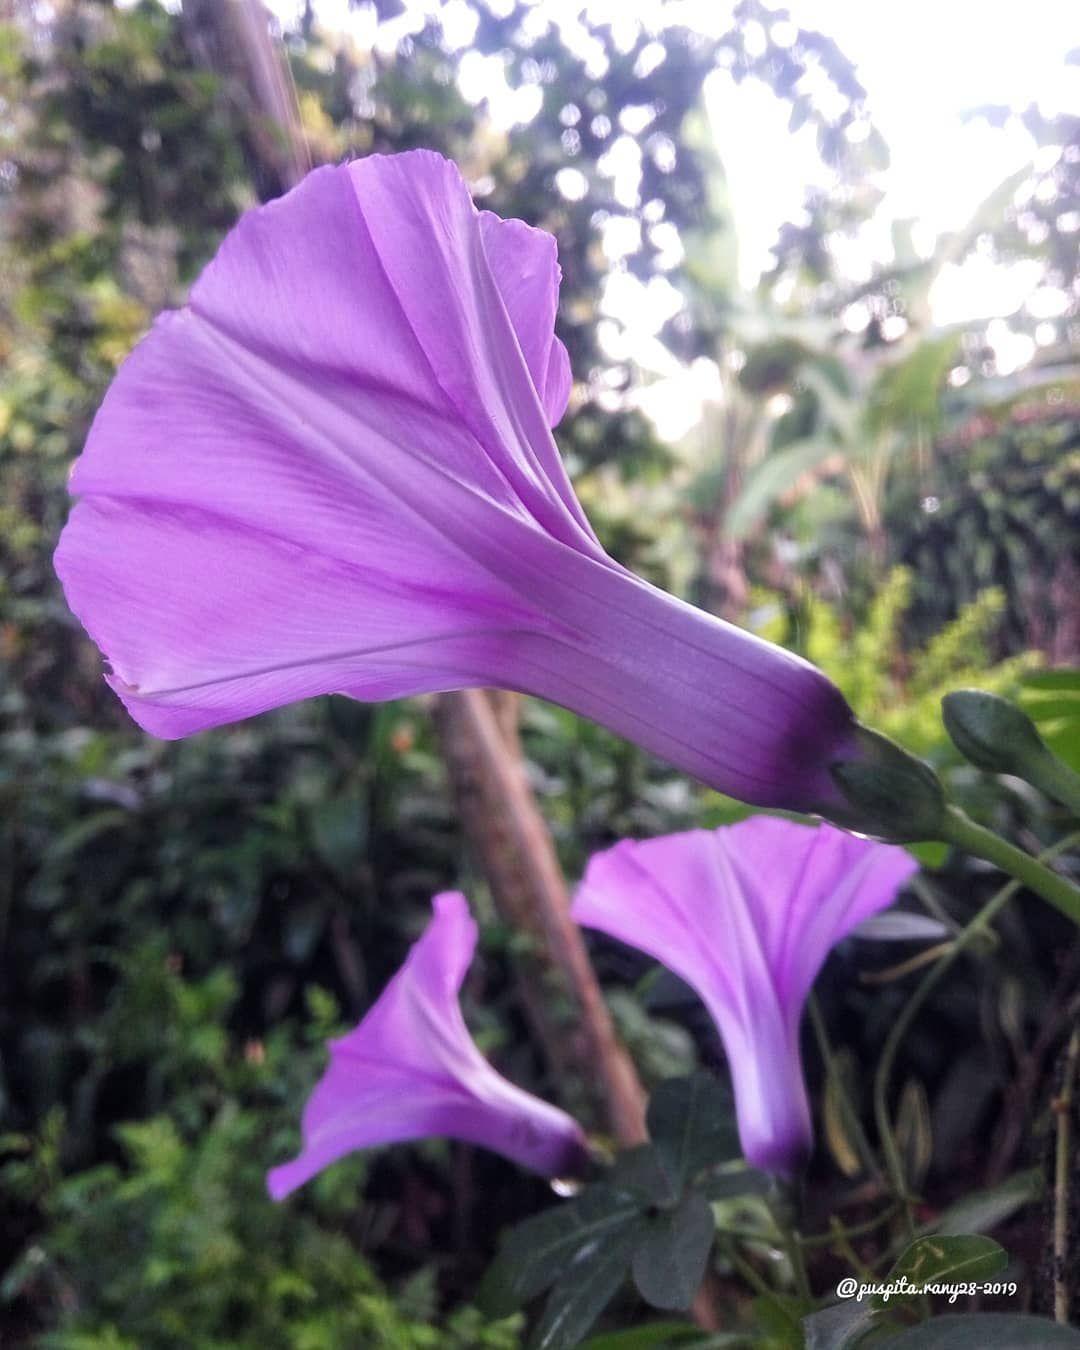 Assalamualaikum Alhamdulillah Disambut Warna Ungu Nan Cantik Dari Bunga Morningglories Pagi Ini Ma Syaa Allah Tabaarakallah Morning Plants